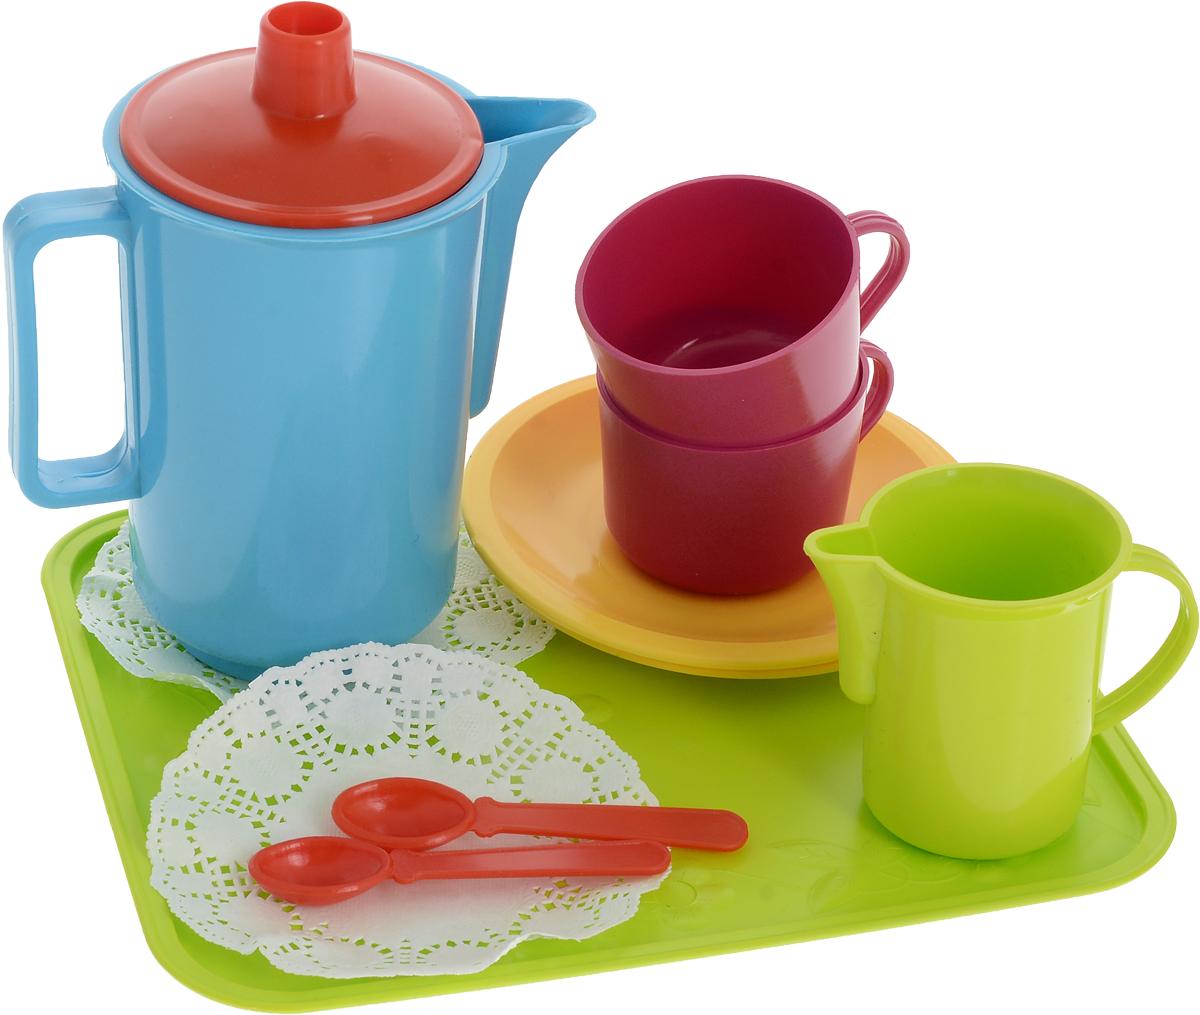 РосИгрушка Игрушечный чайный набор Молочные реки игрушечная посуда veld co игрушечная посуда